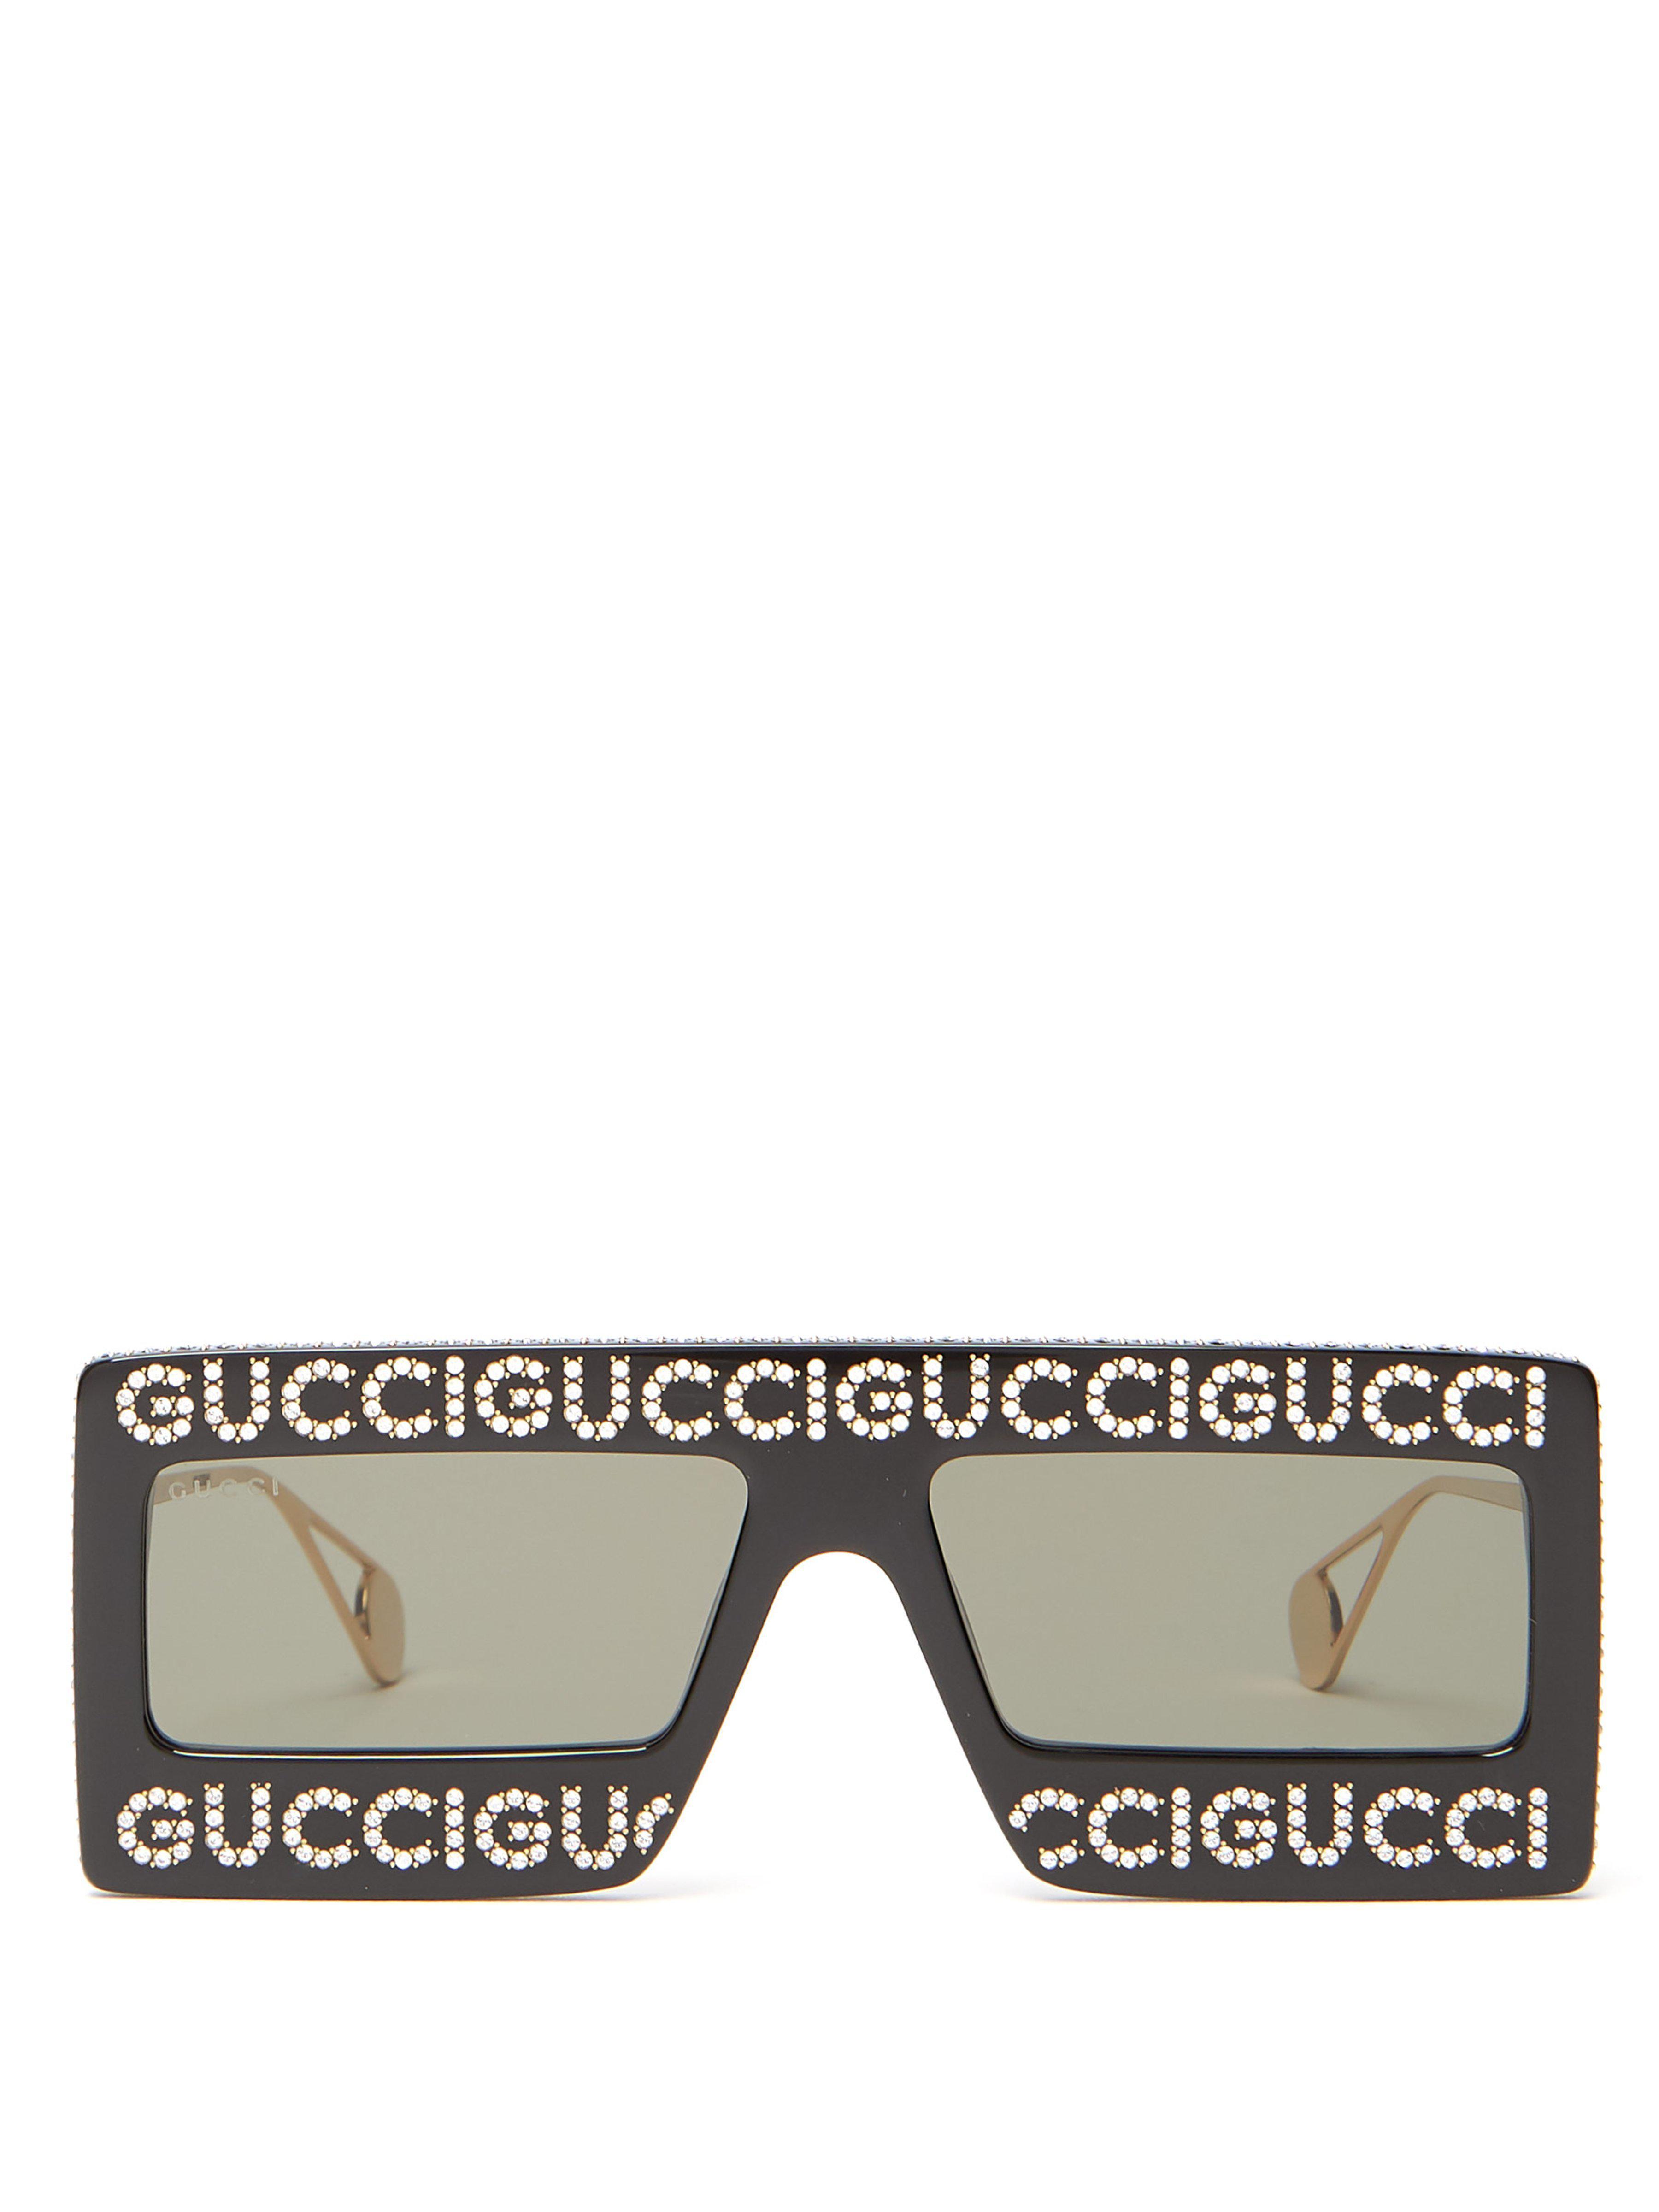 Lyst - Lunettes de soleil à ornements Hollywood Forever Gucci pour ... af5eace78fe4